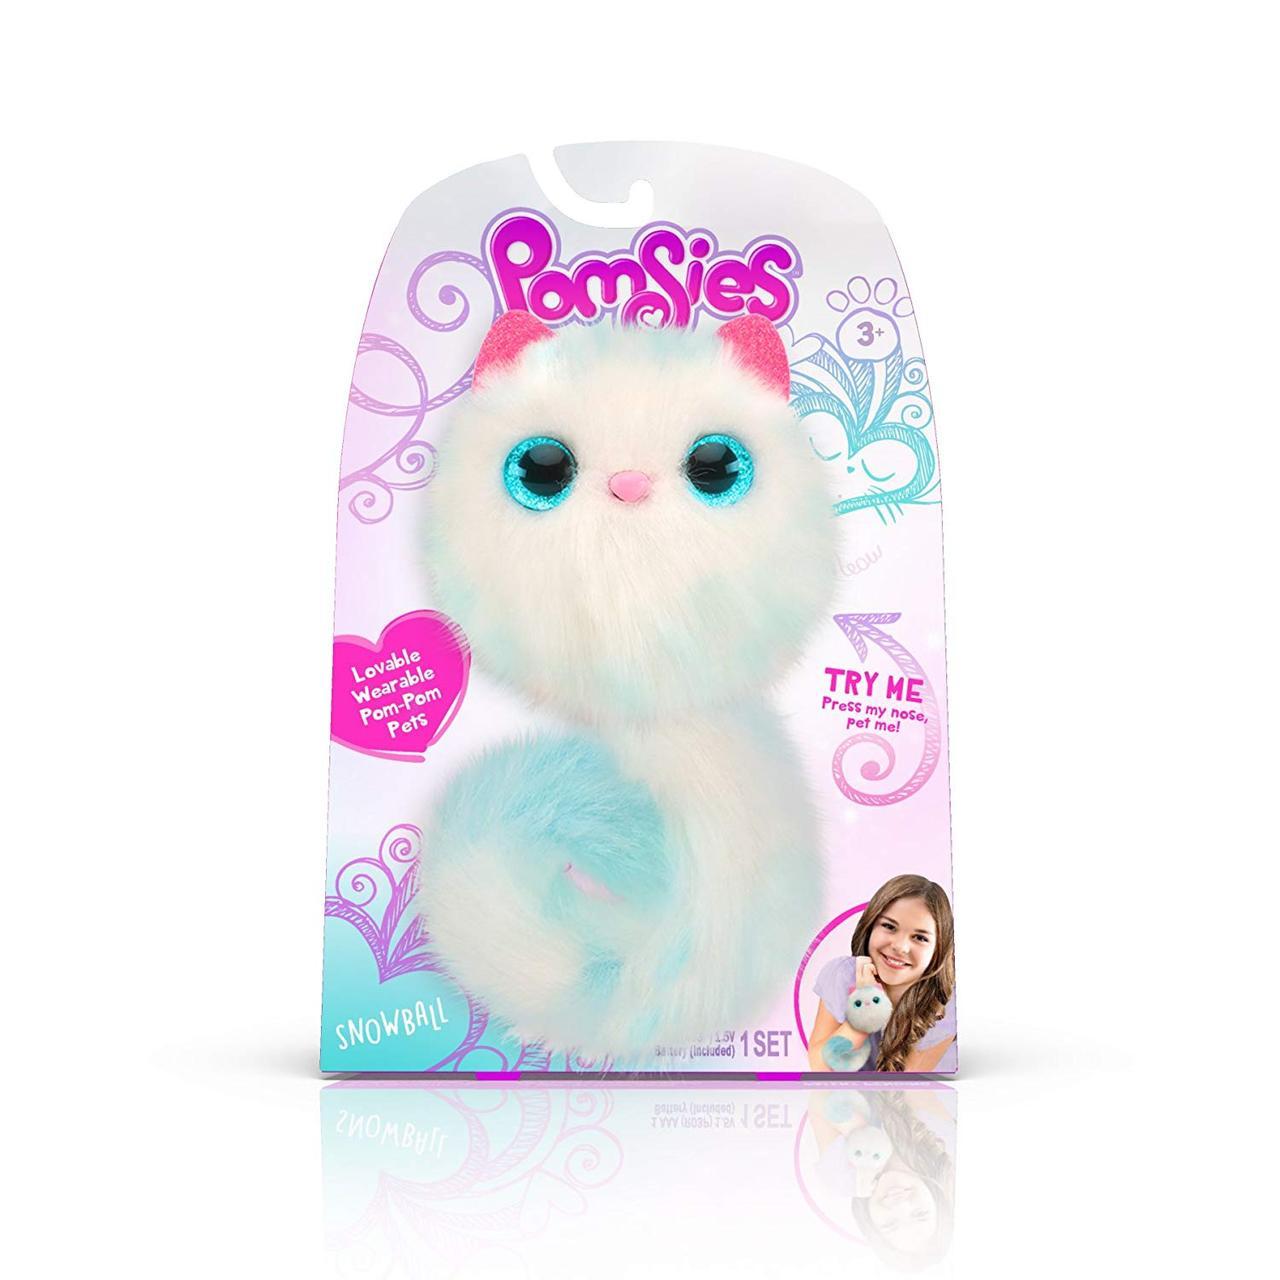 Интерактивная игрушка кошечка Снежа Помсис Pomsies Patches белая, фото 1